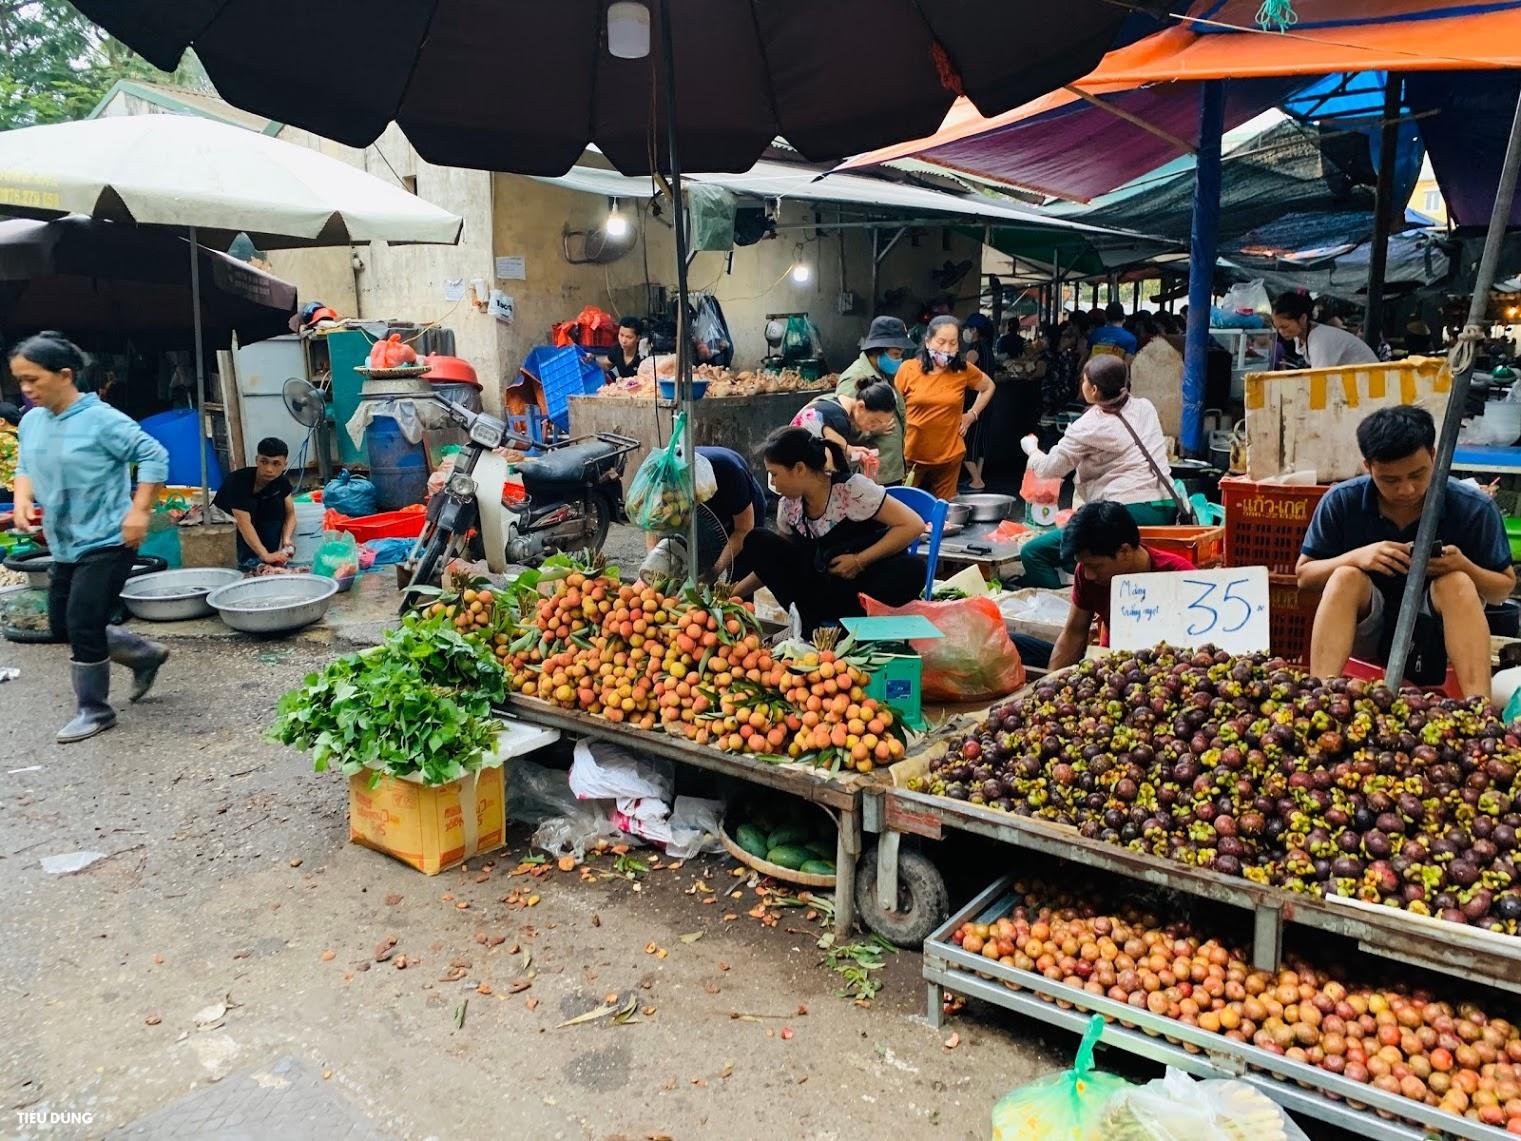 Đầu mùa vải giá 50.000 đồng/kg nhưng vị còn khá chua, cam Sài Gòn xuống chợ giá rẻ - Ảnh 2.